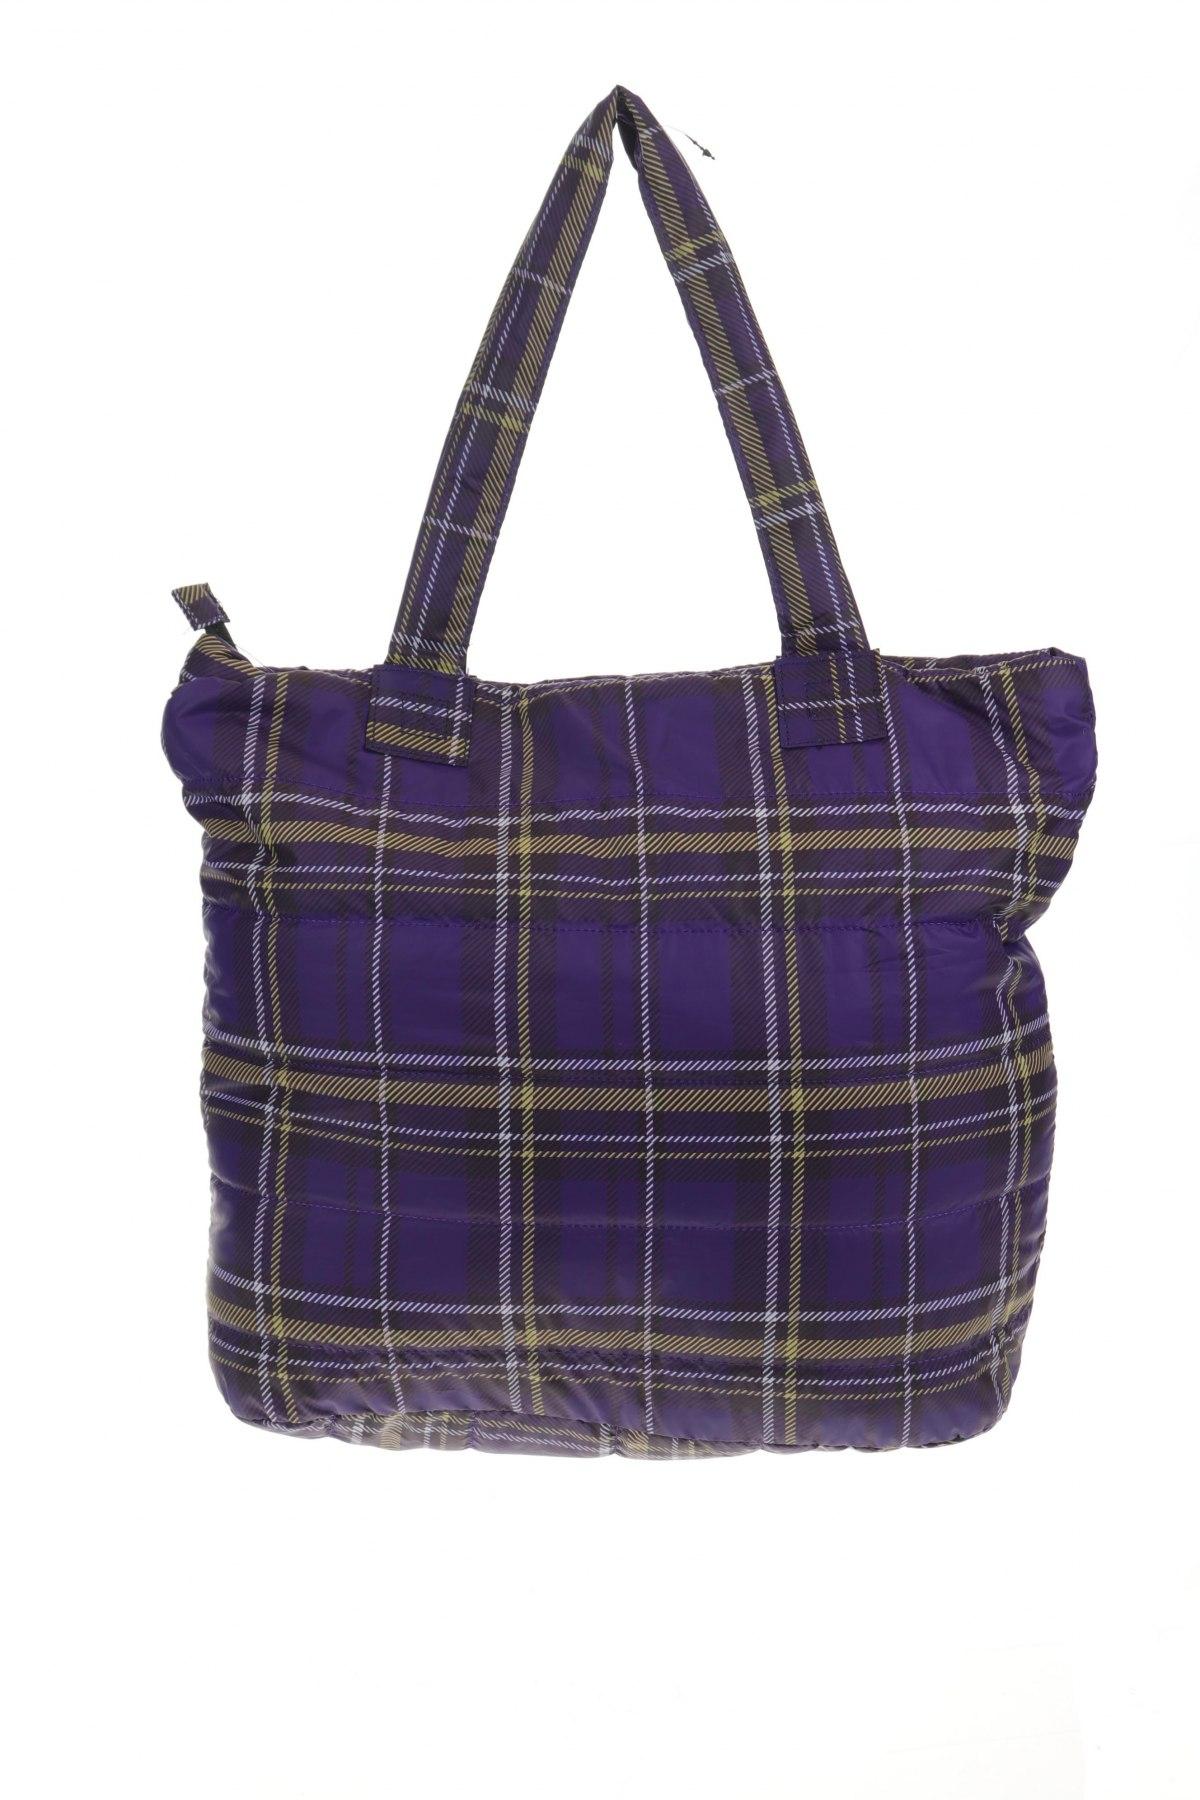 Дамска чанта Reserved, Цвят Лилав, Текстил, Цена 34,10лв.